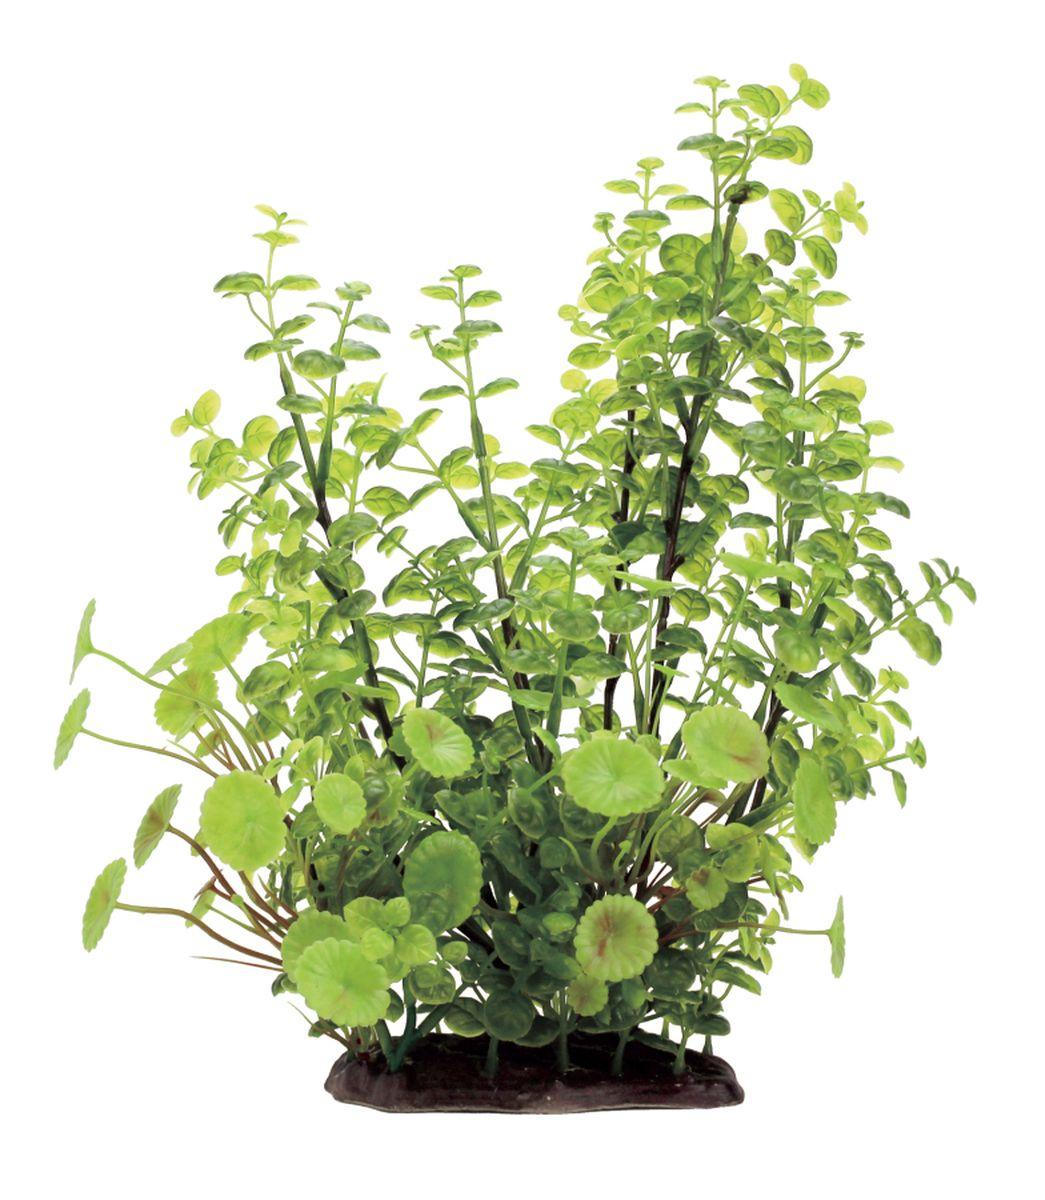 Растение для аквариума ArtUniq Кардамин, высота 35 смART-1130104Композиция из искусственных растений ArtUniq превосходно украсит и оживит аквариум.Растения - это важная часть любой композиции, они помогут вдохнуть жизнь в ландшафт любого аквариума или террариума. А их сходствос природными порадует даже самых взыскательных ценителей.